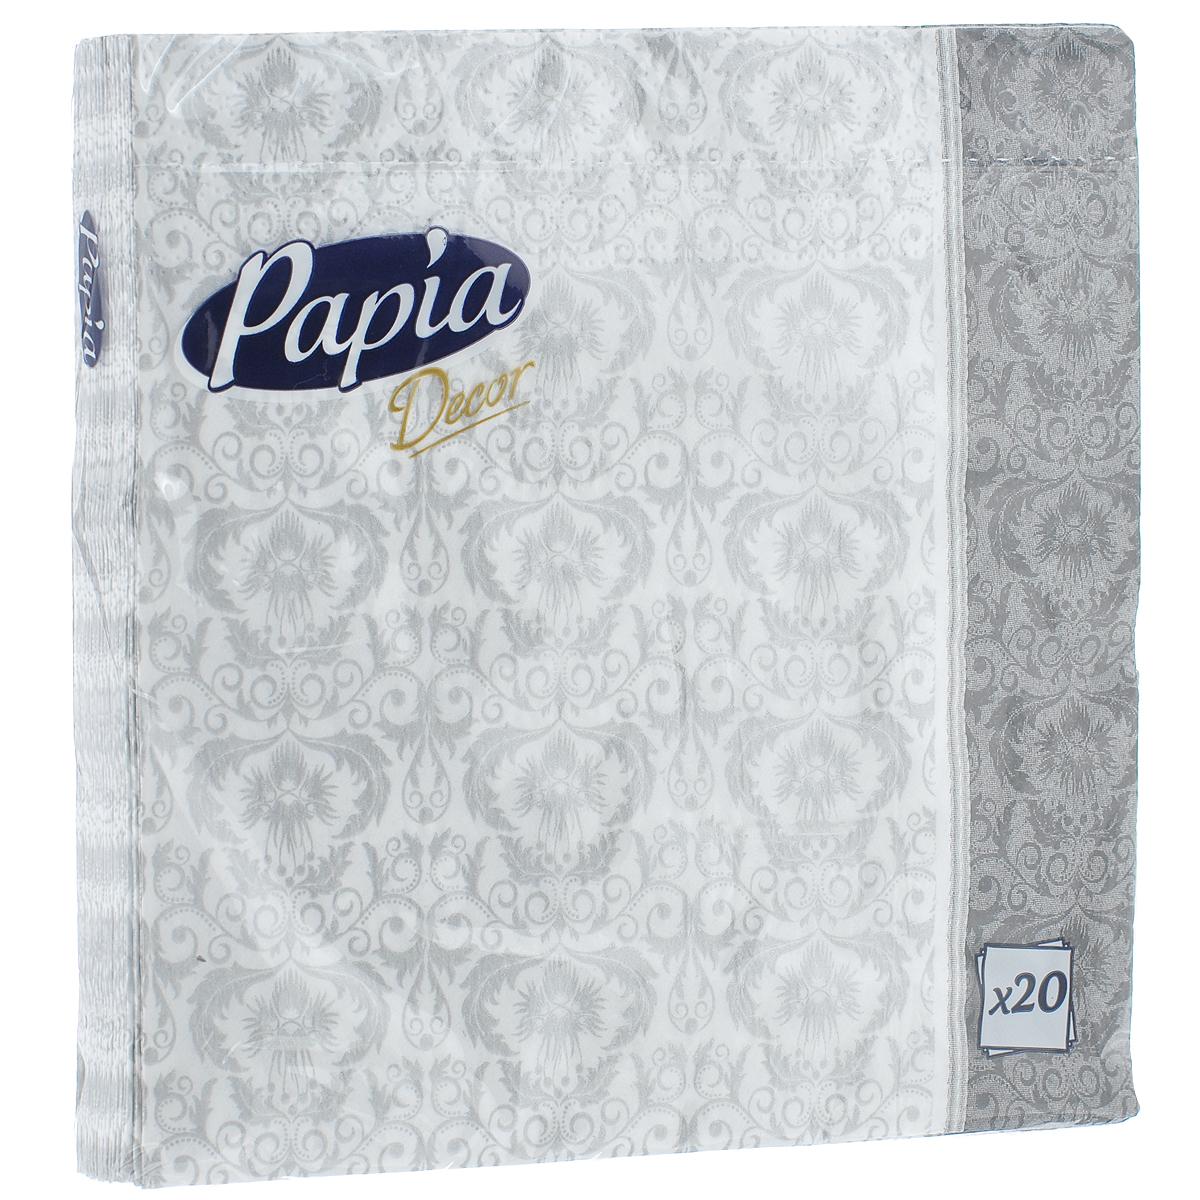 Салфетки бумажные Papia Decor, трехслойные, цвет: серый, белый, 33 x 33 см, 20 шт15302Трехслойные салфетки Papia Decor, выполненные из 100% целлюлозы, оформлены орнаментом. Салфетки предназначены для красивой сервировки стола. Оригинальный дизайн салфеток добавит изысканности вашему столу и поднимет настроение. Размер салфеток: 33 см х 33 см.